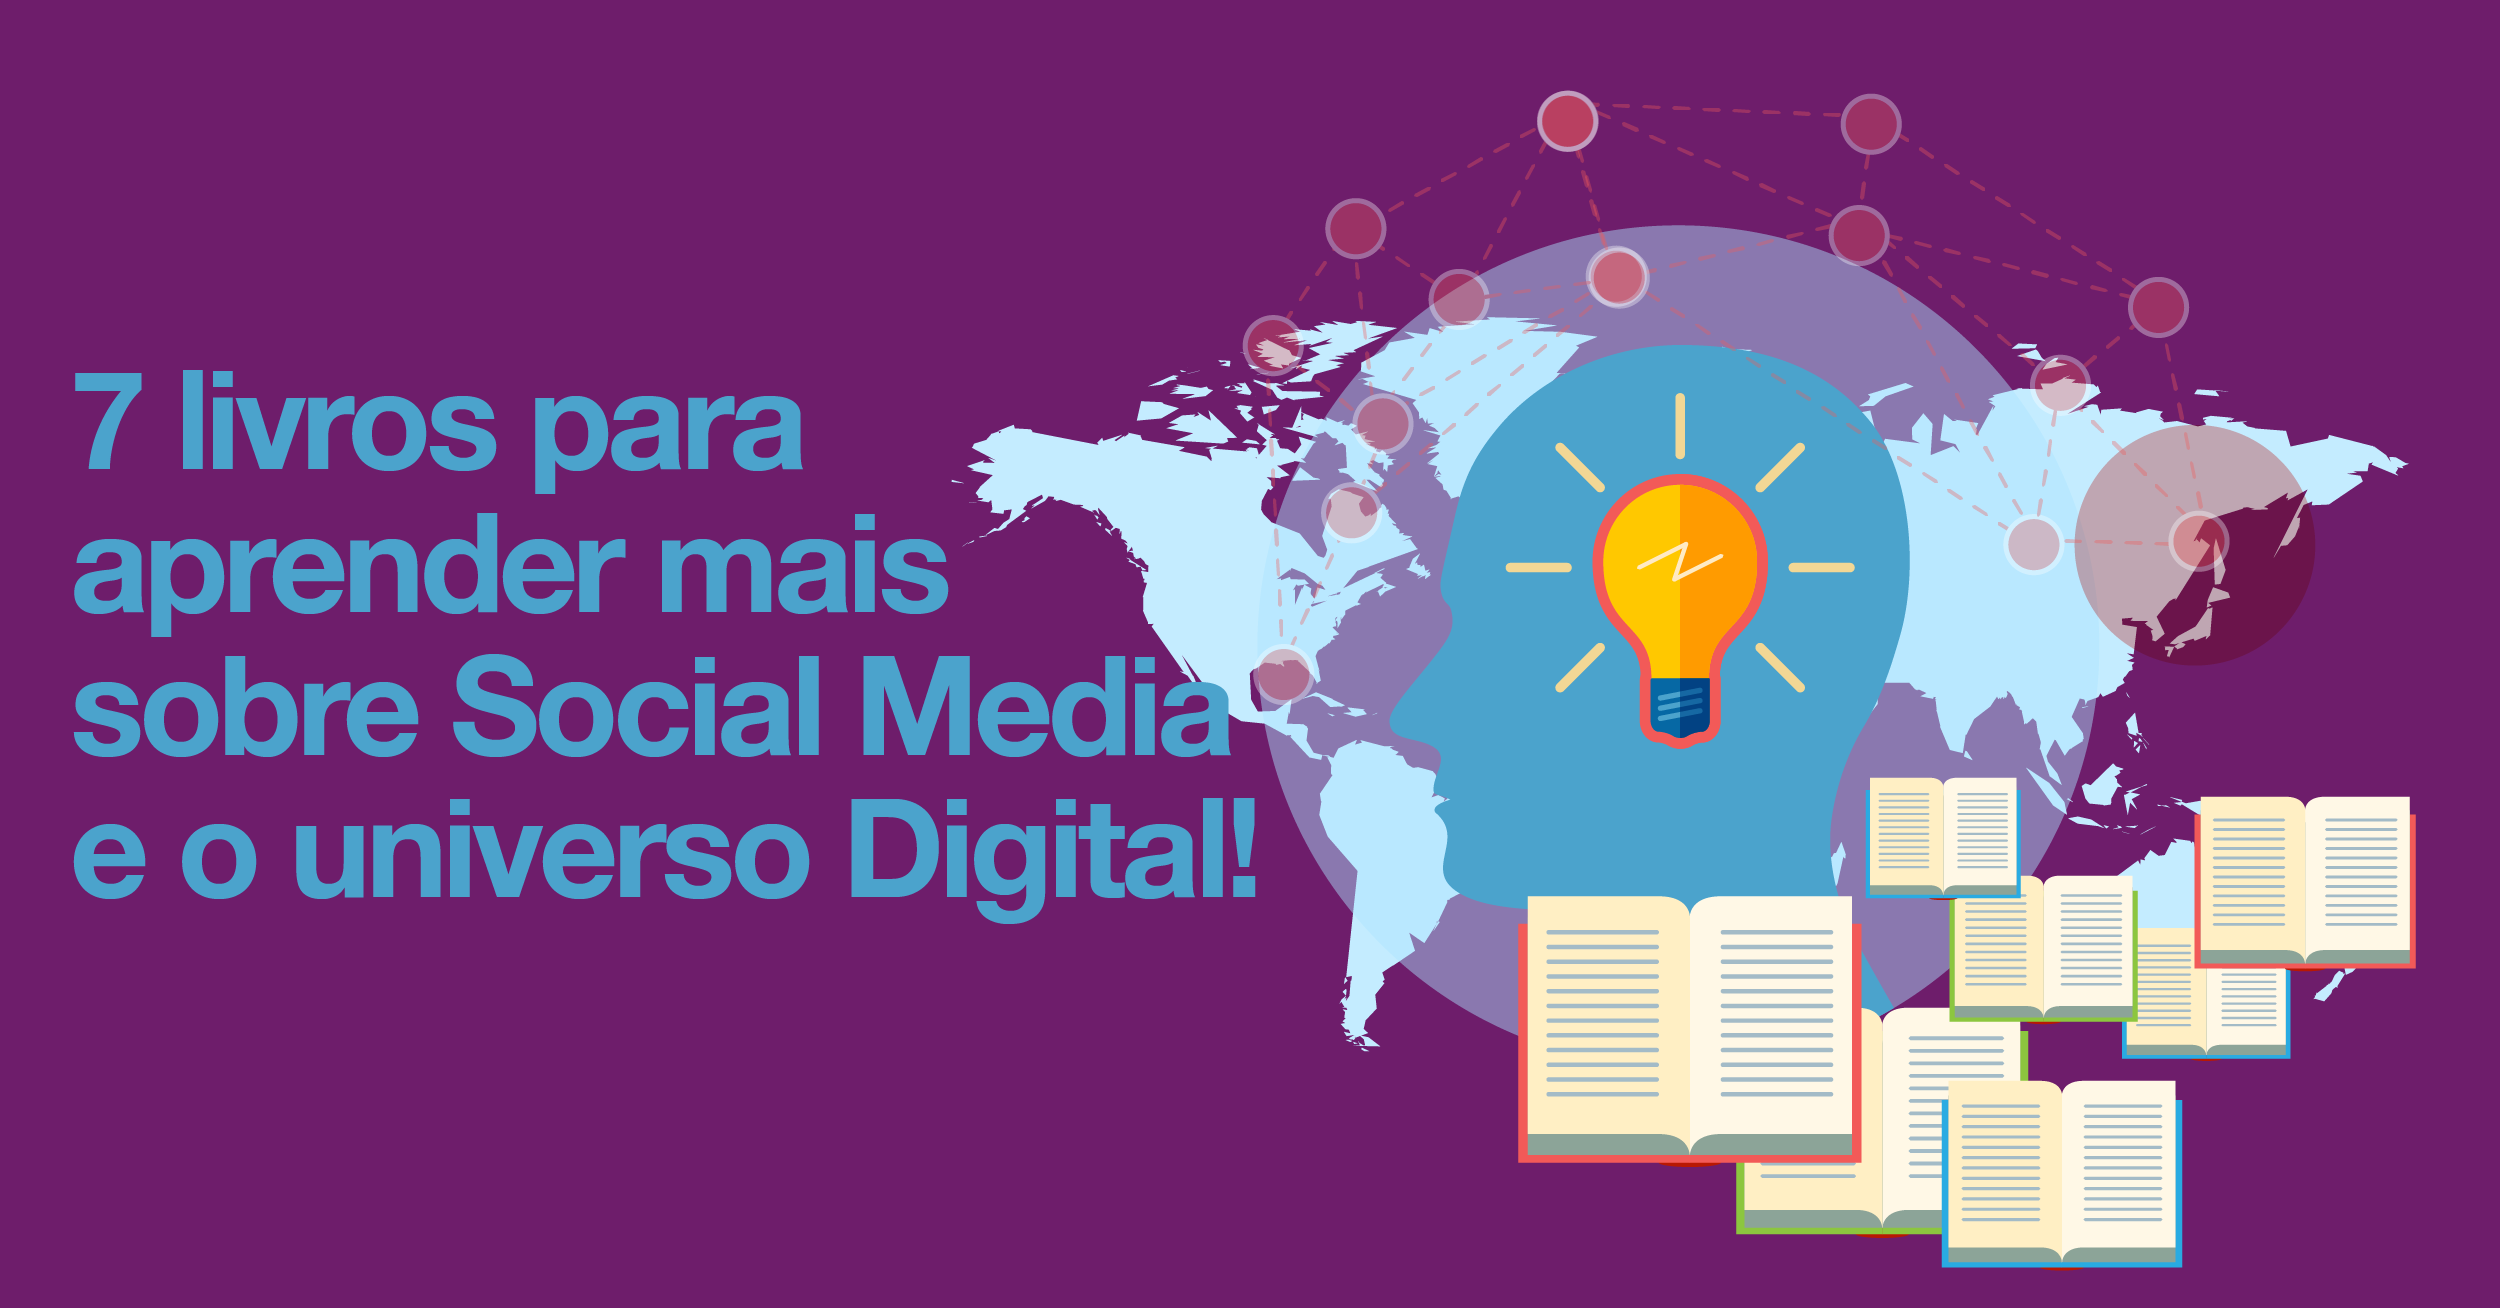 7 livros para aprender mais sobre Social Media e o universo Digital!